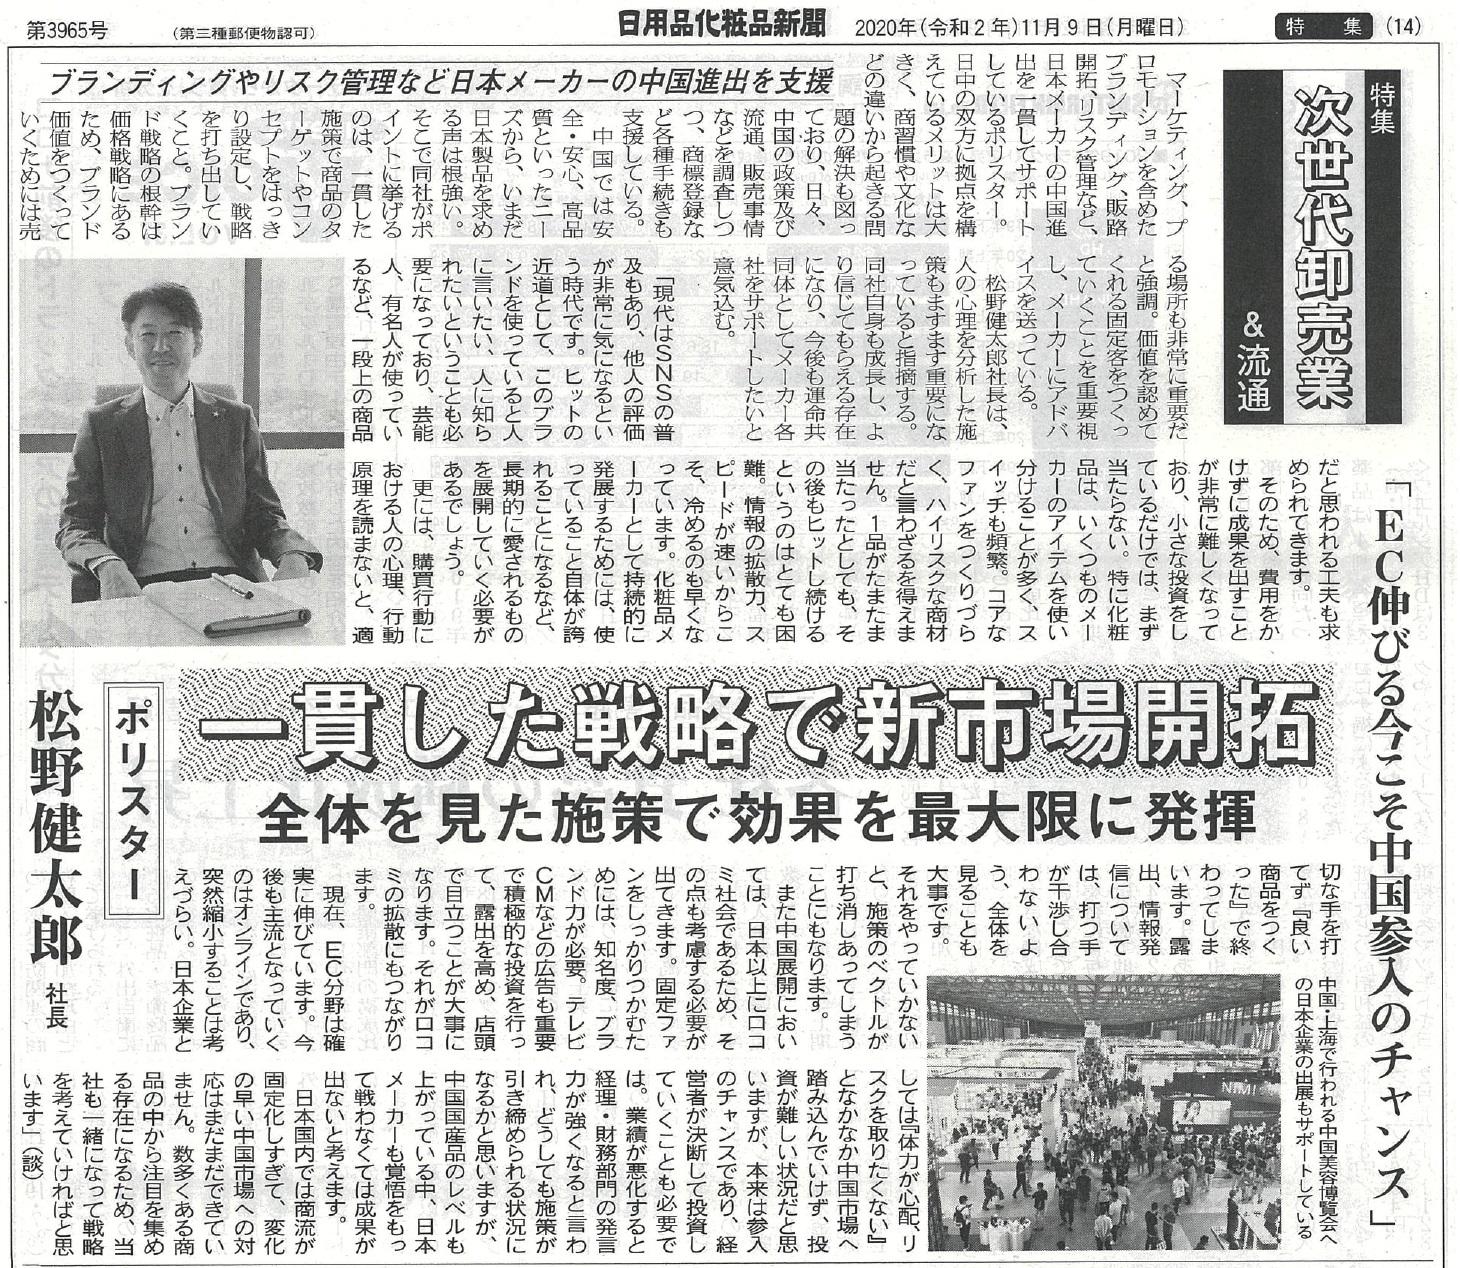 日用品化粧品新聞(11/9付):ポリスター代表松野のインタビューに掲載されました